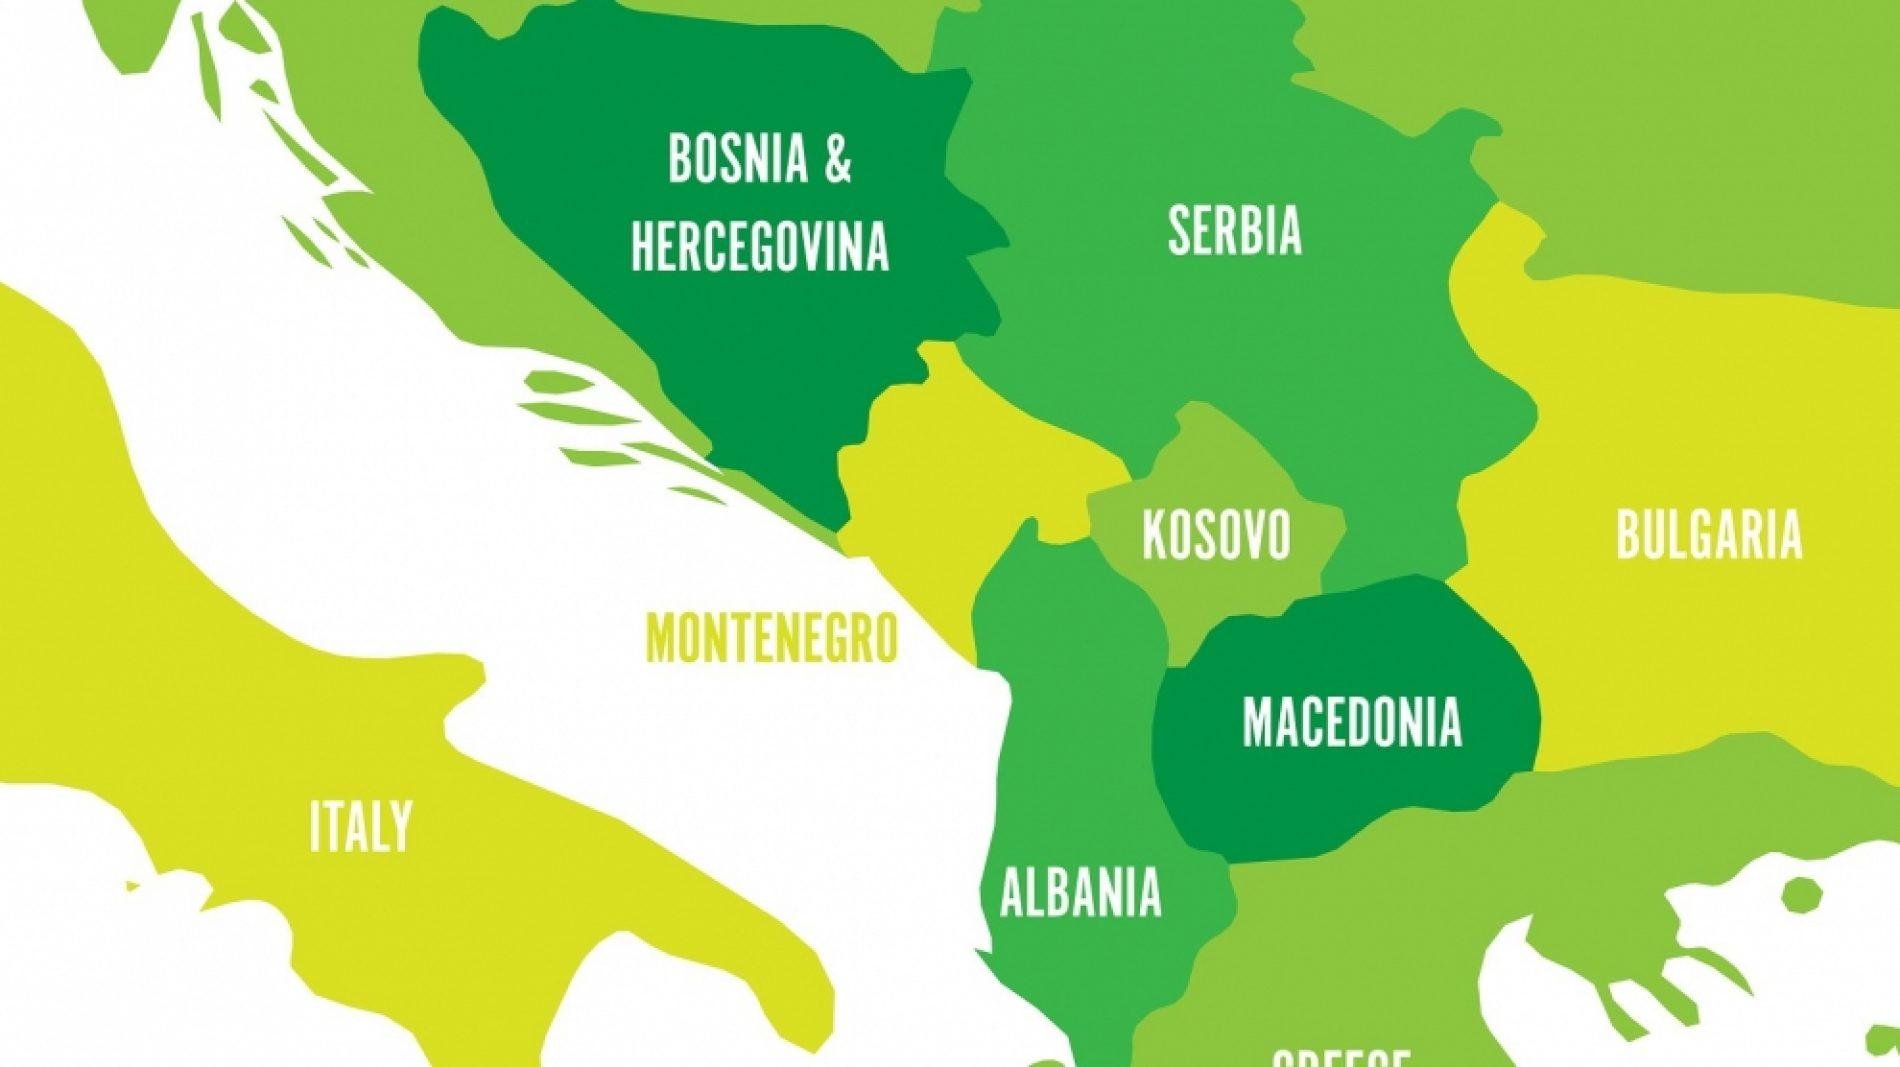 Bosna i Hercegovina ima i Ustav i Ustavni sud; u Srbiji građani ostavljeni na vjetrometini